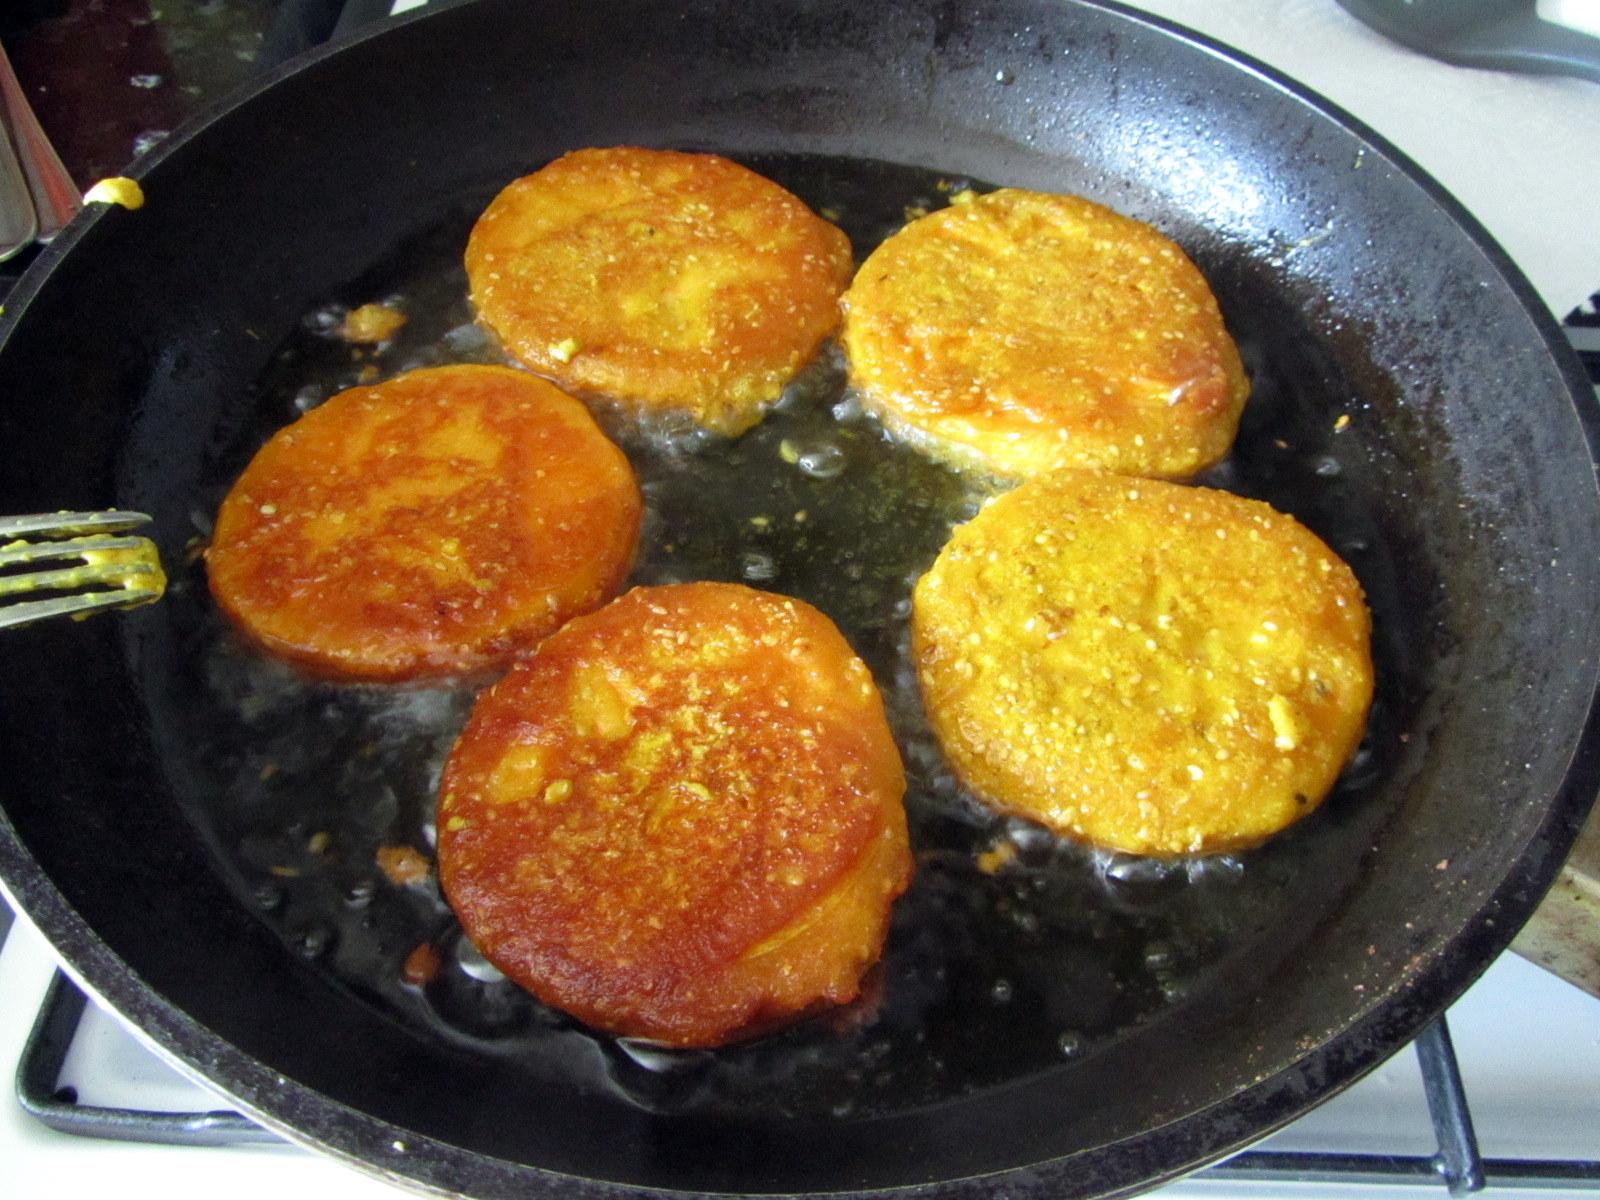 Cocina con luz verde calabaza rebozada y tortitas fritas for Calabaza frita